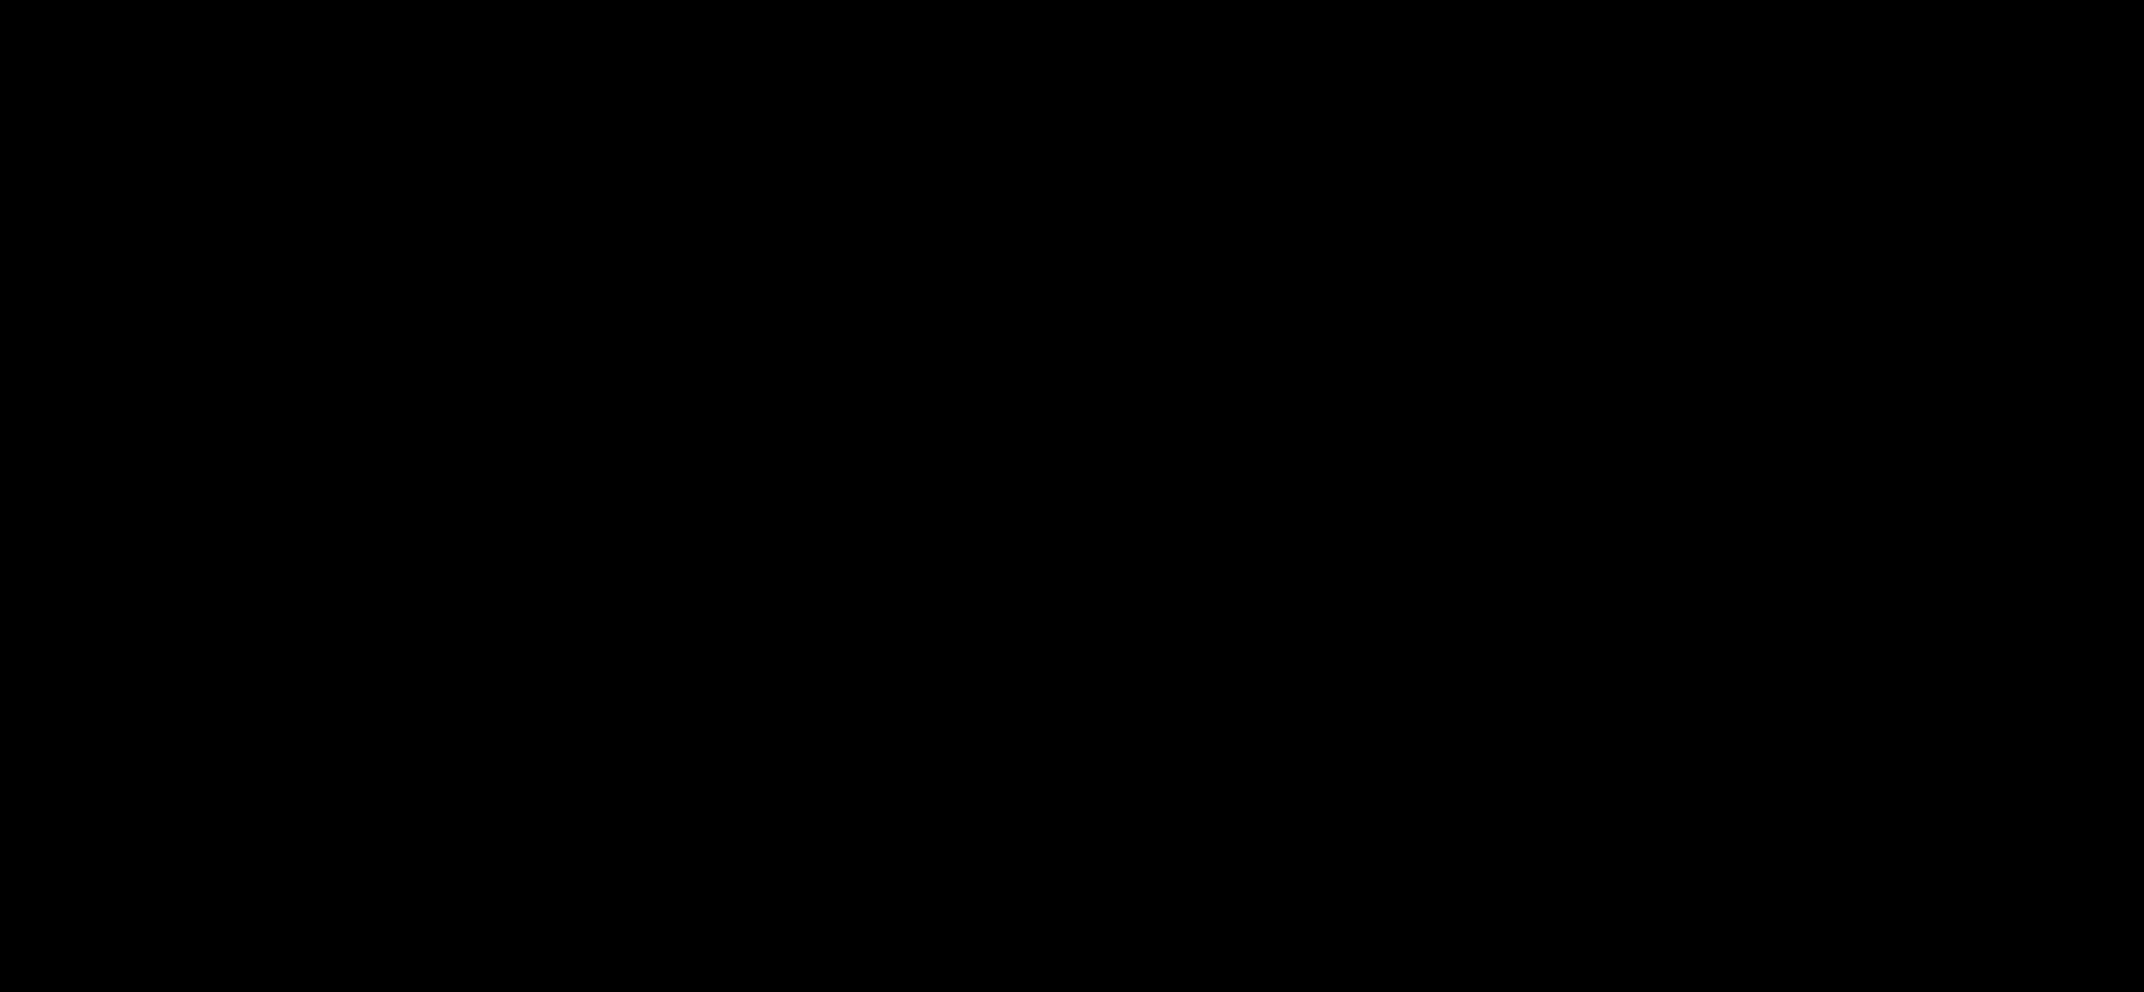 Bảng nguyên tử khối hóa học lớp 8 đầy đủ Nguyên tử khối trung bình